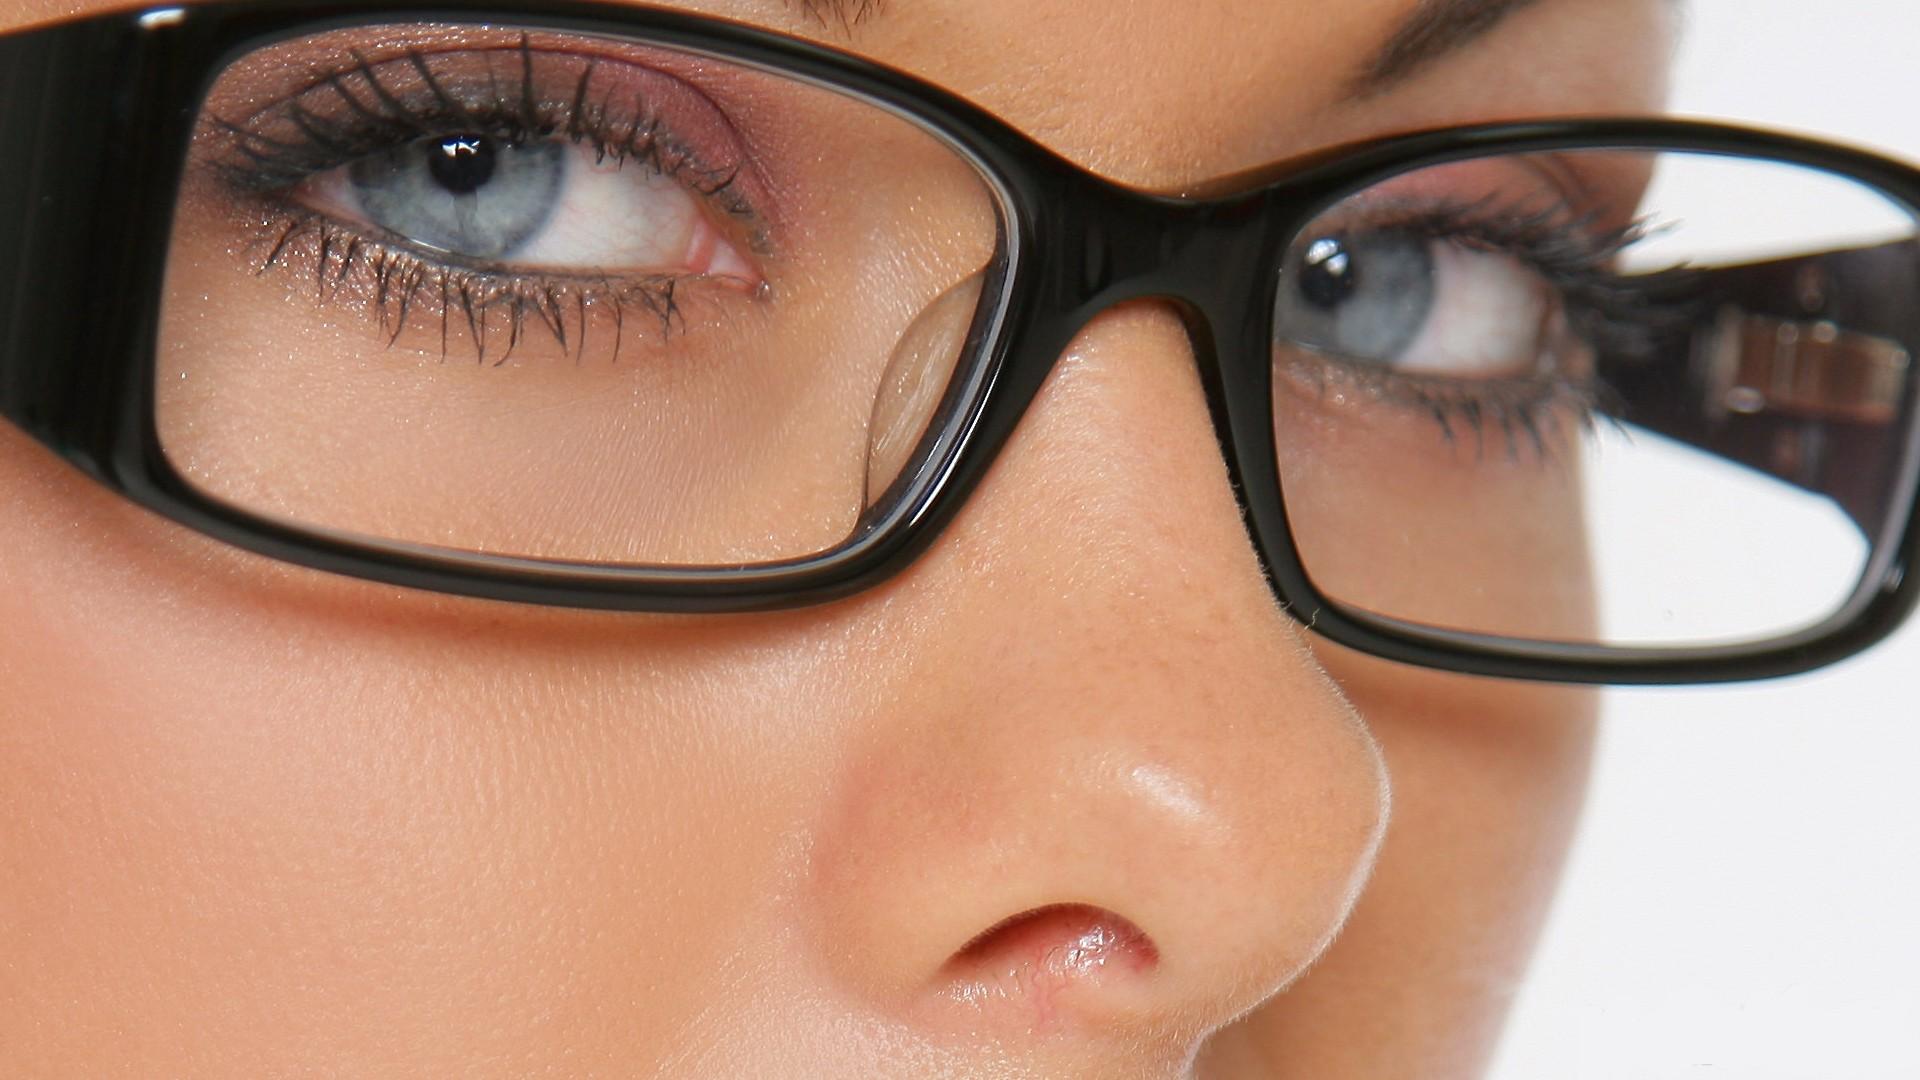 نصائح لوضع المكياج مع النظارات الطبية